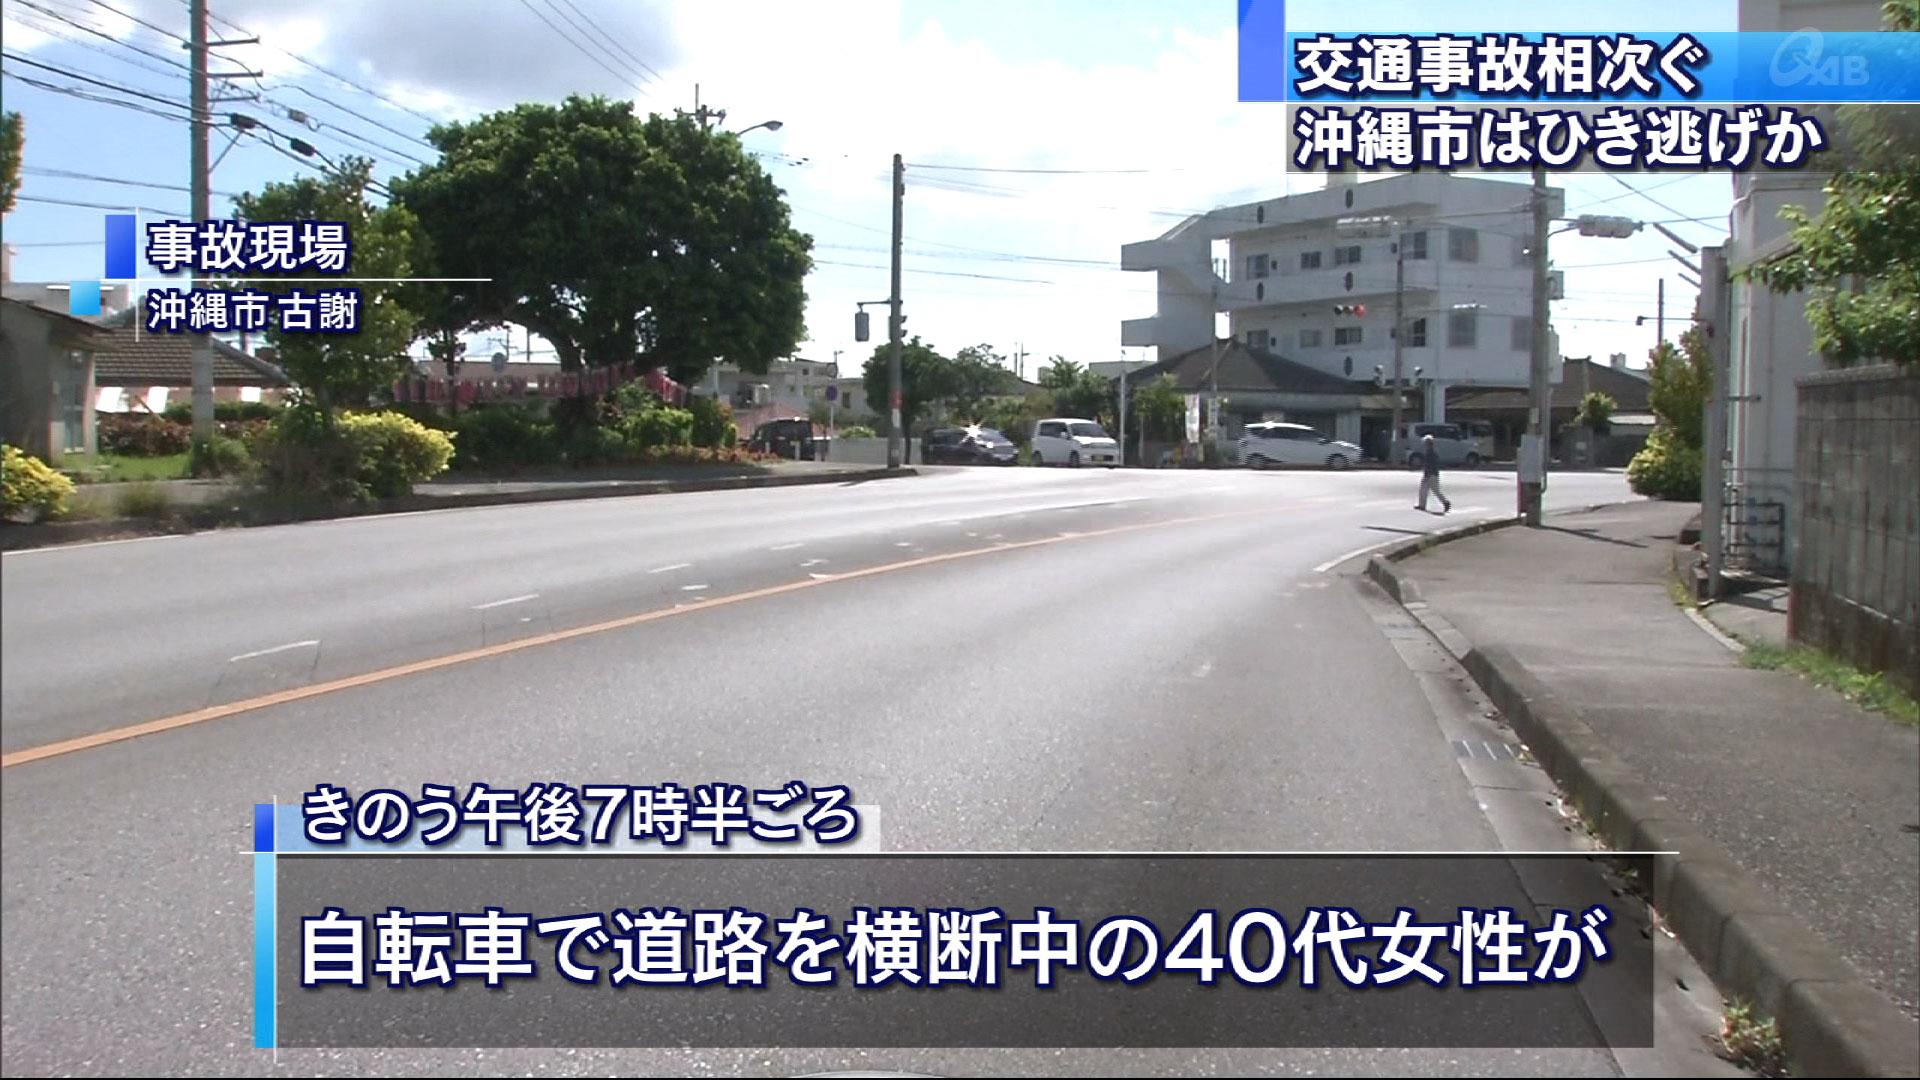 交通事故相次ぐ 沖縄市ではひき逃げ